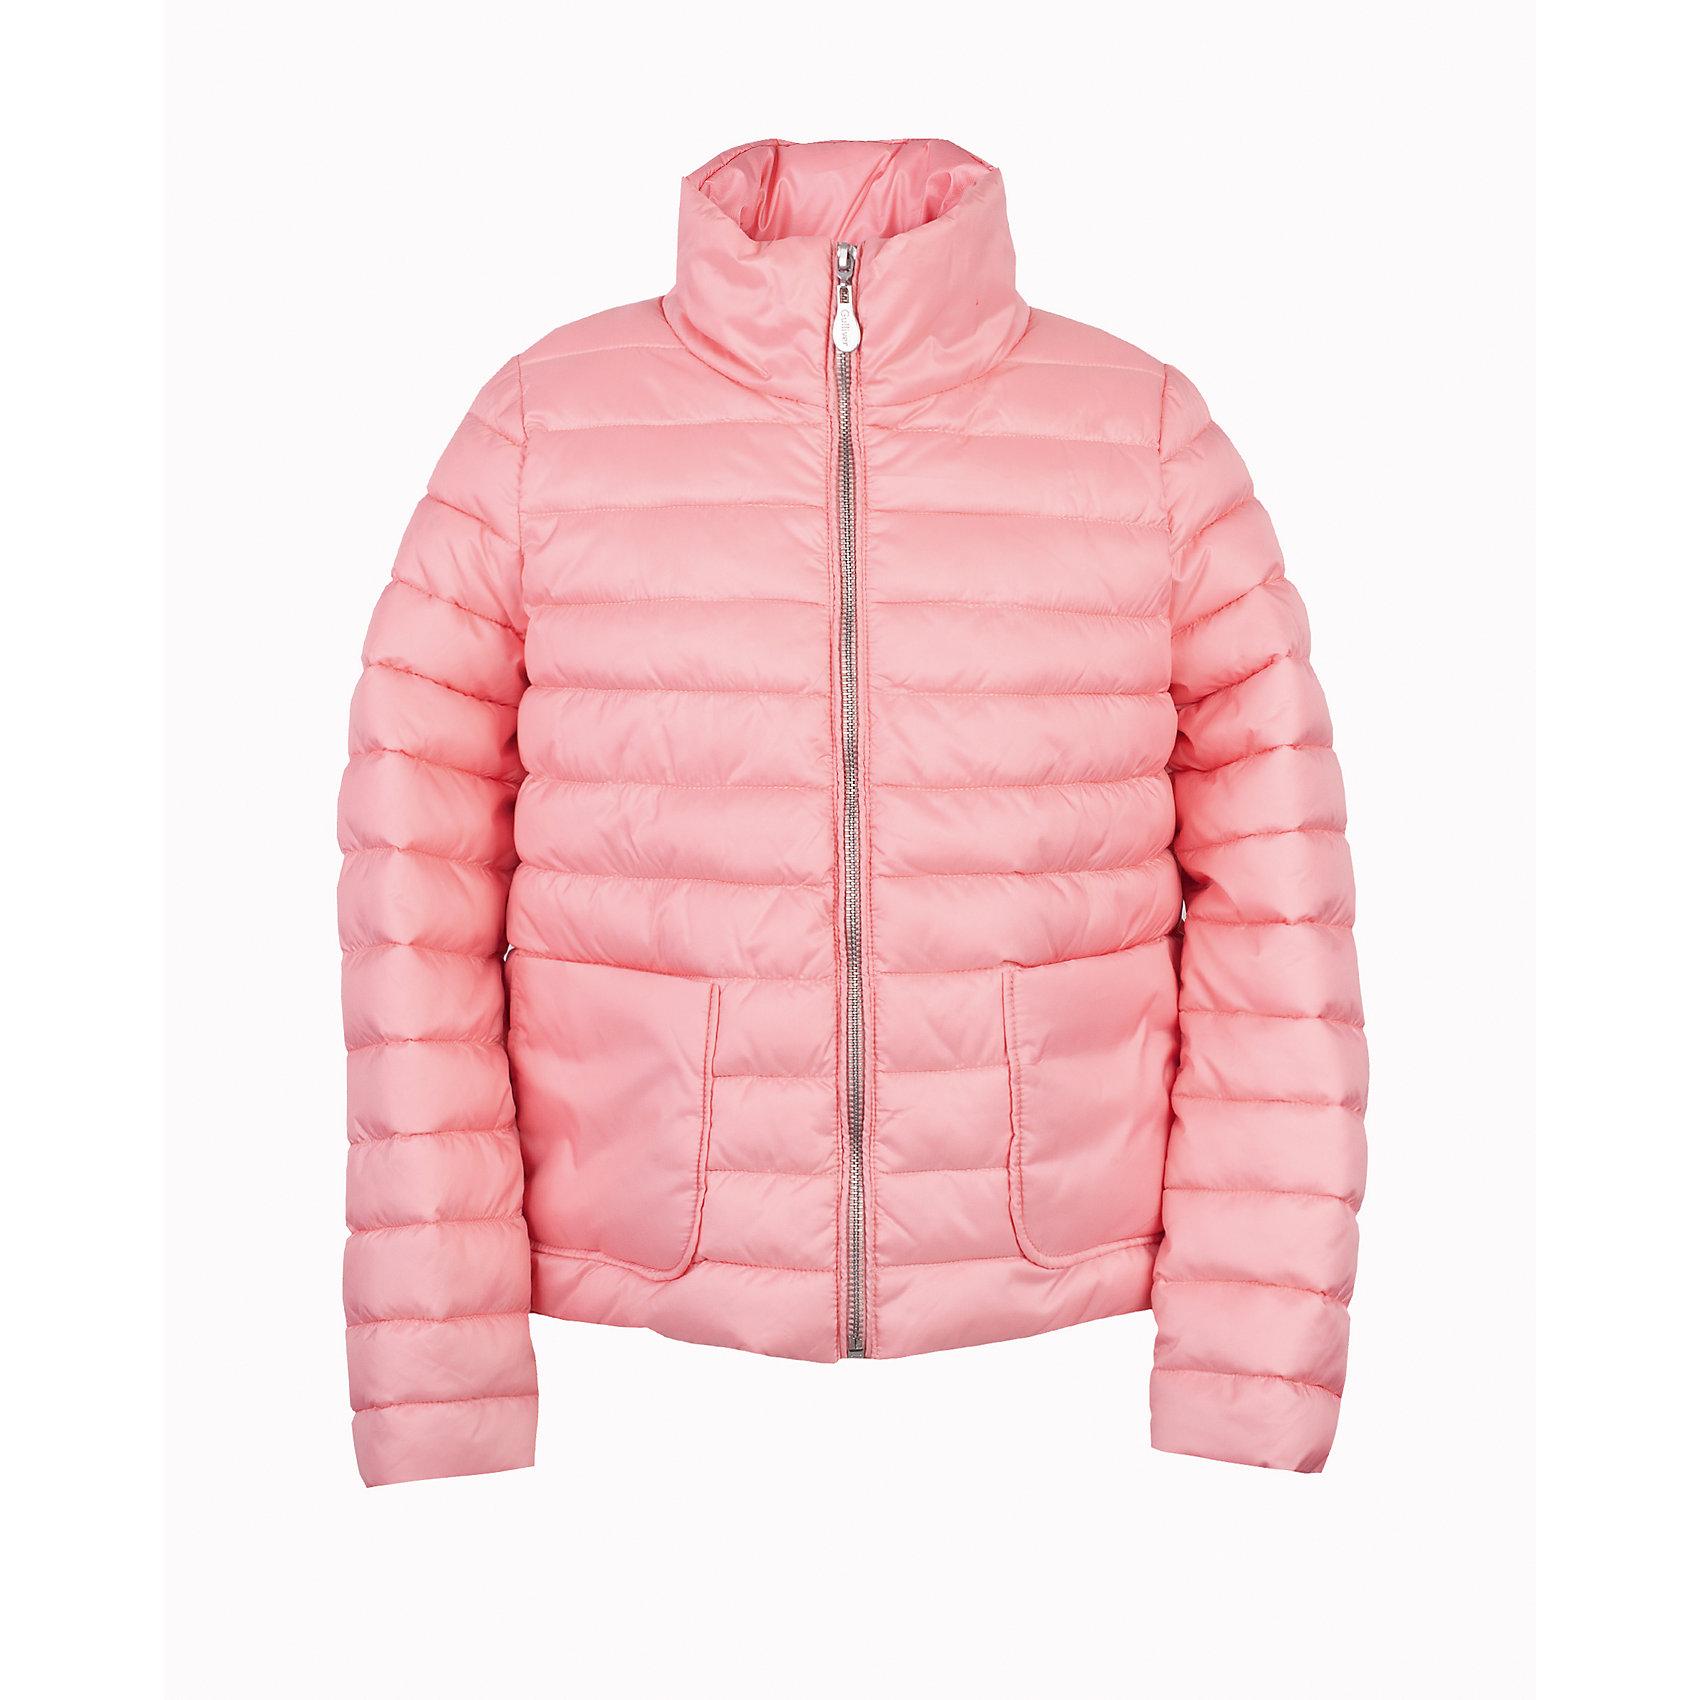 Куртка для девочки GulliverВерхняя одежда<br>Прошли времена, когда детская куртка выполняла исключительно функциональную роль. Сейчас изделию недостаточно быть только удобным и теплым. Куртка для девочки должна быть яркой, элегантной, привлекательной и отражать в полной мере характер и предпочтения юной модницы! Именно такая, стеганая розовая куртка, с удлиненной линией спинки и крупными накладными карманами, может понравиться своей обладательнице. Если вы предпочитаете сформировать весенний гардероб ребенка из светлых, свежих, позитивных вещей, несмотря на непогоду и слякоть, вам стоит купить детскую куртку из коллекции Цветные истории и вы об этом не пожалеете!<br>Состав:<br>верх:               100% полиэстер; подкладка:           50% хлопок       50% полиэстер; утеплитель: иск.пух          100% полиэстер<br><br>Ширина мм: 356<br>Глубина мм: 10<br>Высота мм: 245<br>Вес г: 519<br>Цвет: розовый<br>Возраст от месяцев: 72<br>Возраст до месяцев: 84<br>Пол: Женский<br>Возраст: Детский<br>Размер: 122,140,128,134<br>SKU: 5484143